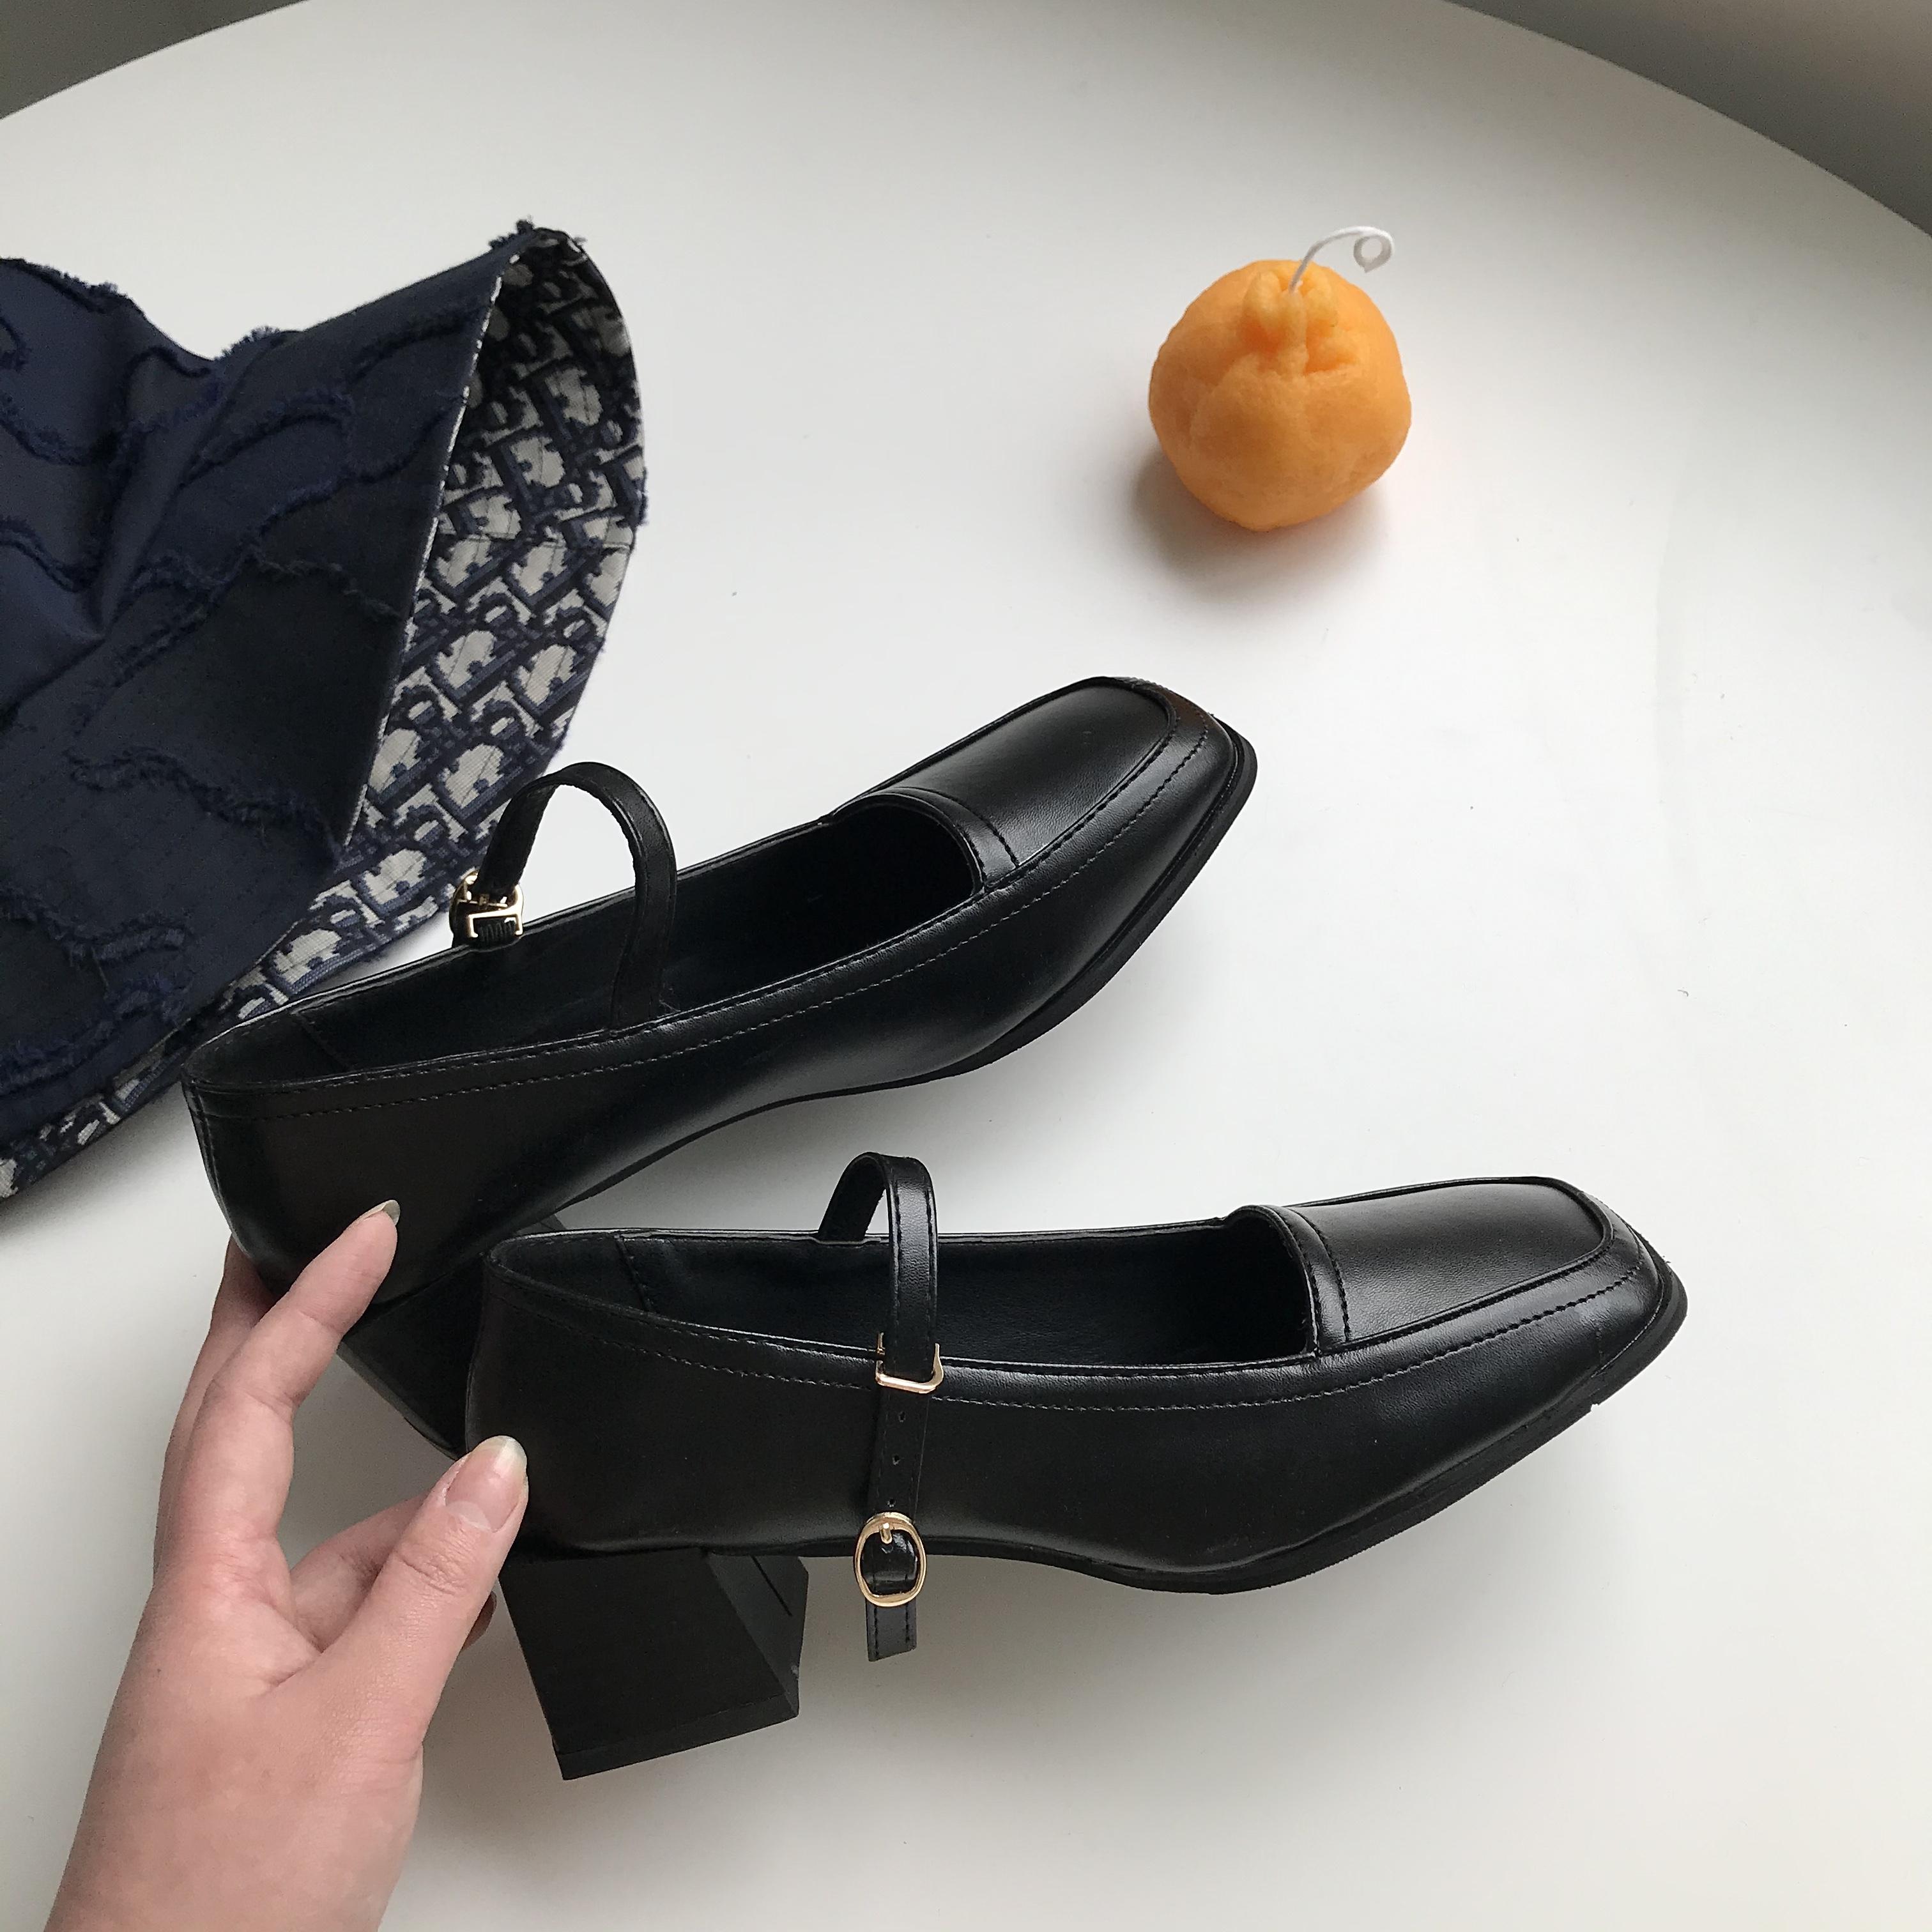 黑色凉鞋 小sun家 复古玛丽珍鞋小皮鞋女2020秋黑色方头法式粗跟一字带凉鞋_推荐淘宝好看的黑色凉鞋